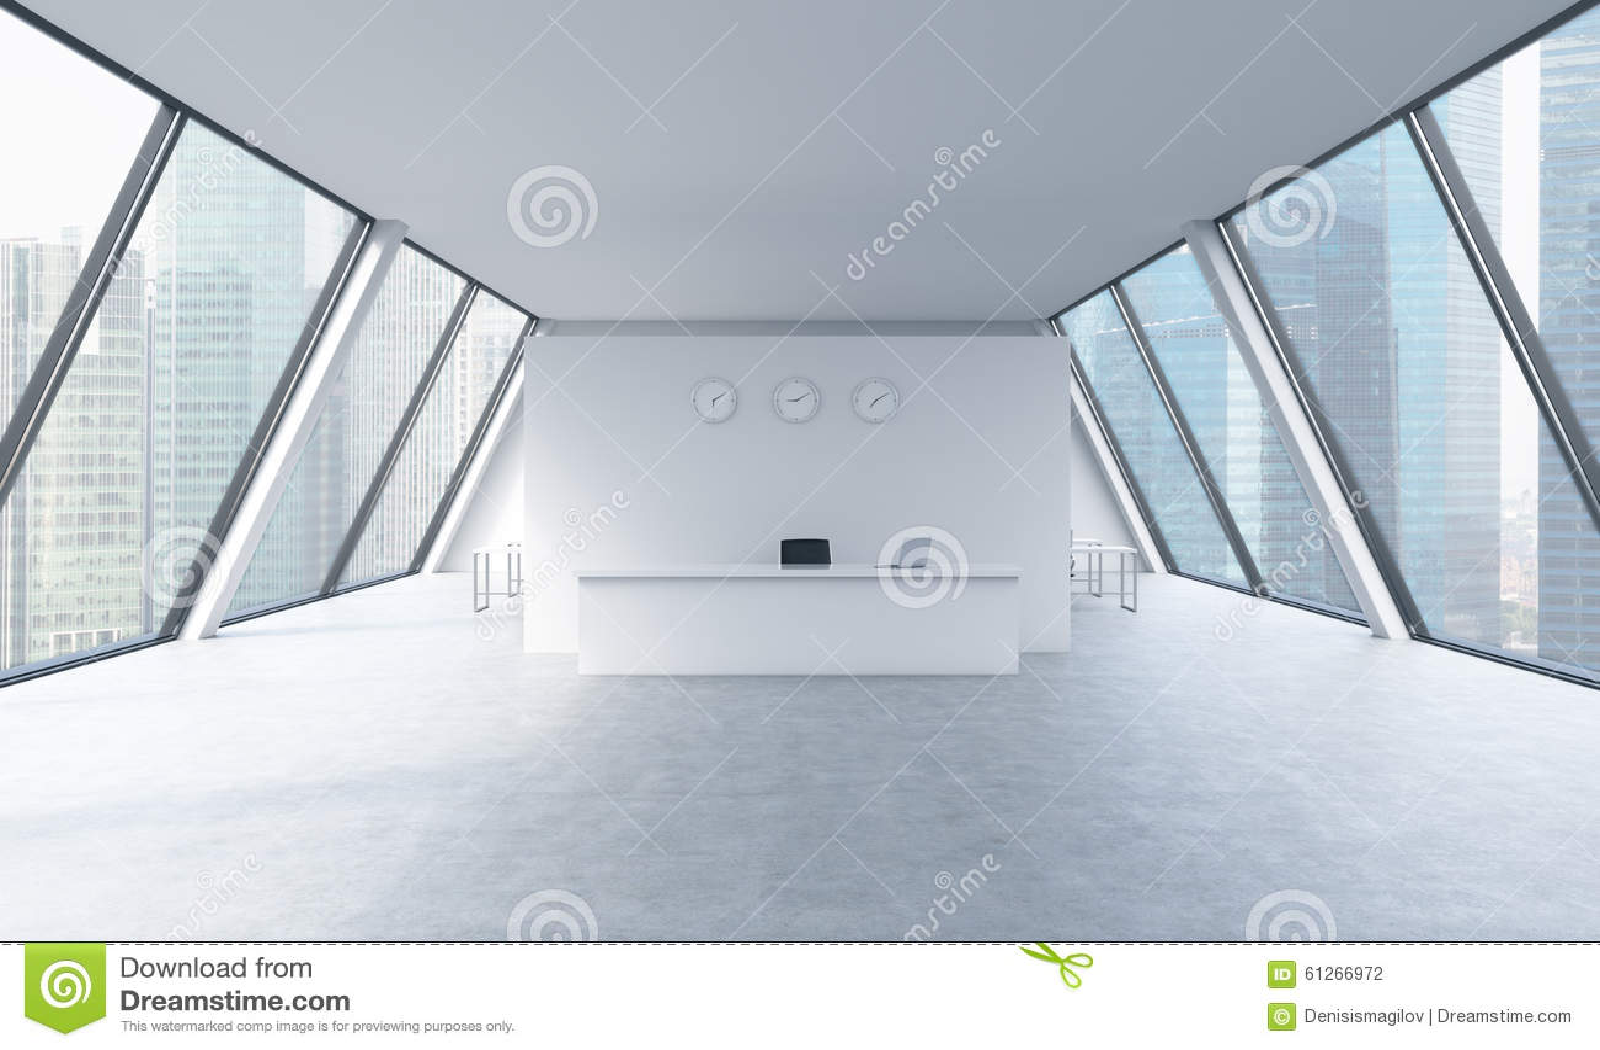 Mottagandeområde med klockor och arbetsplatser i ett ljust modernt öppet utrymmevindkontor